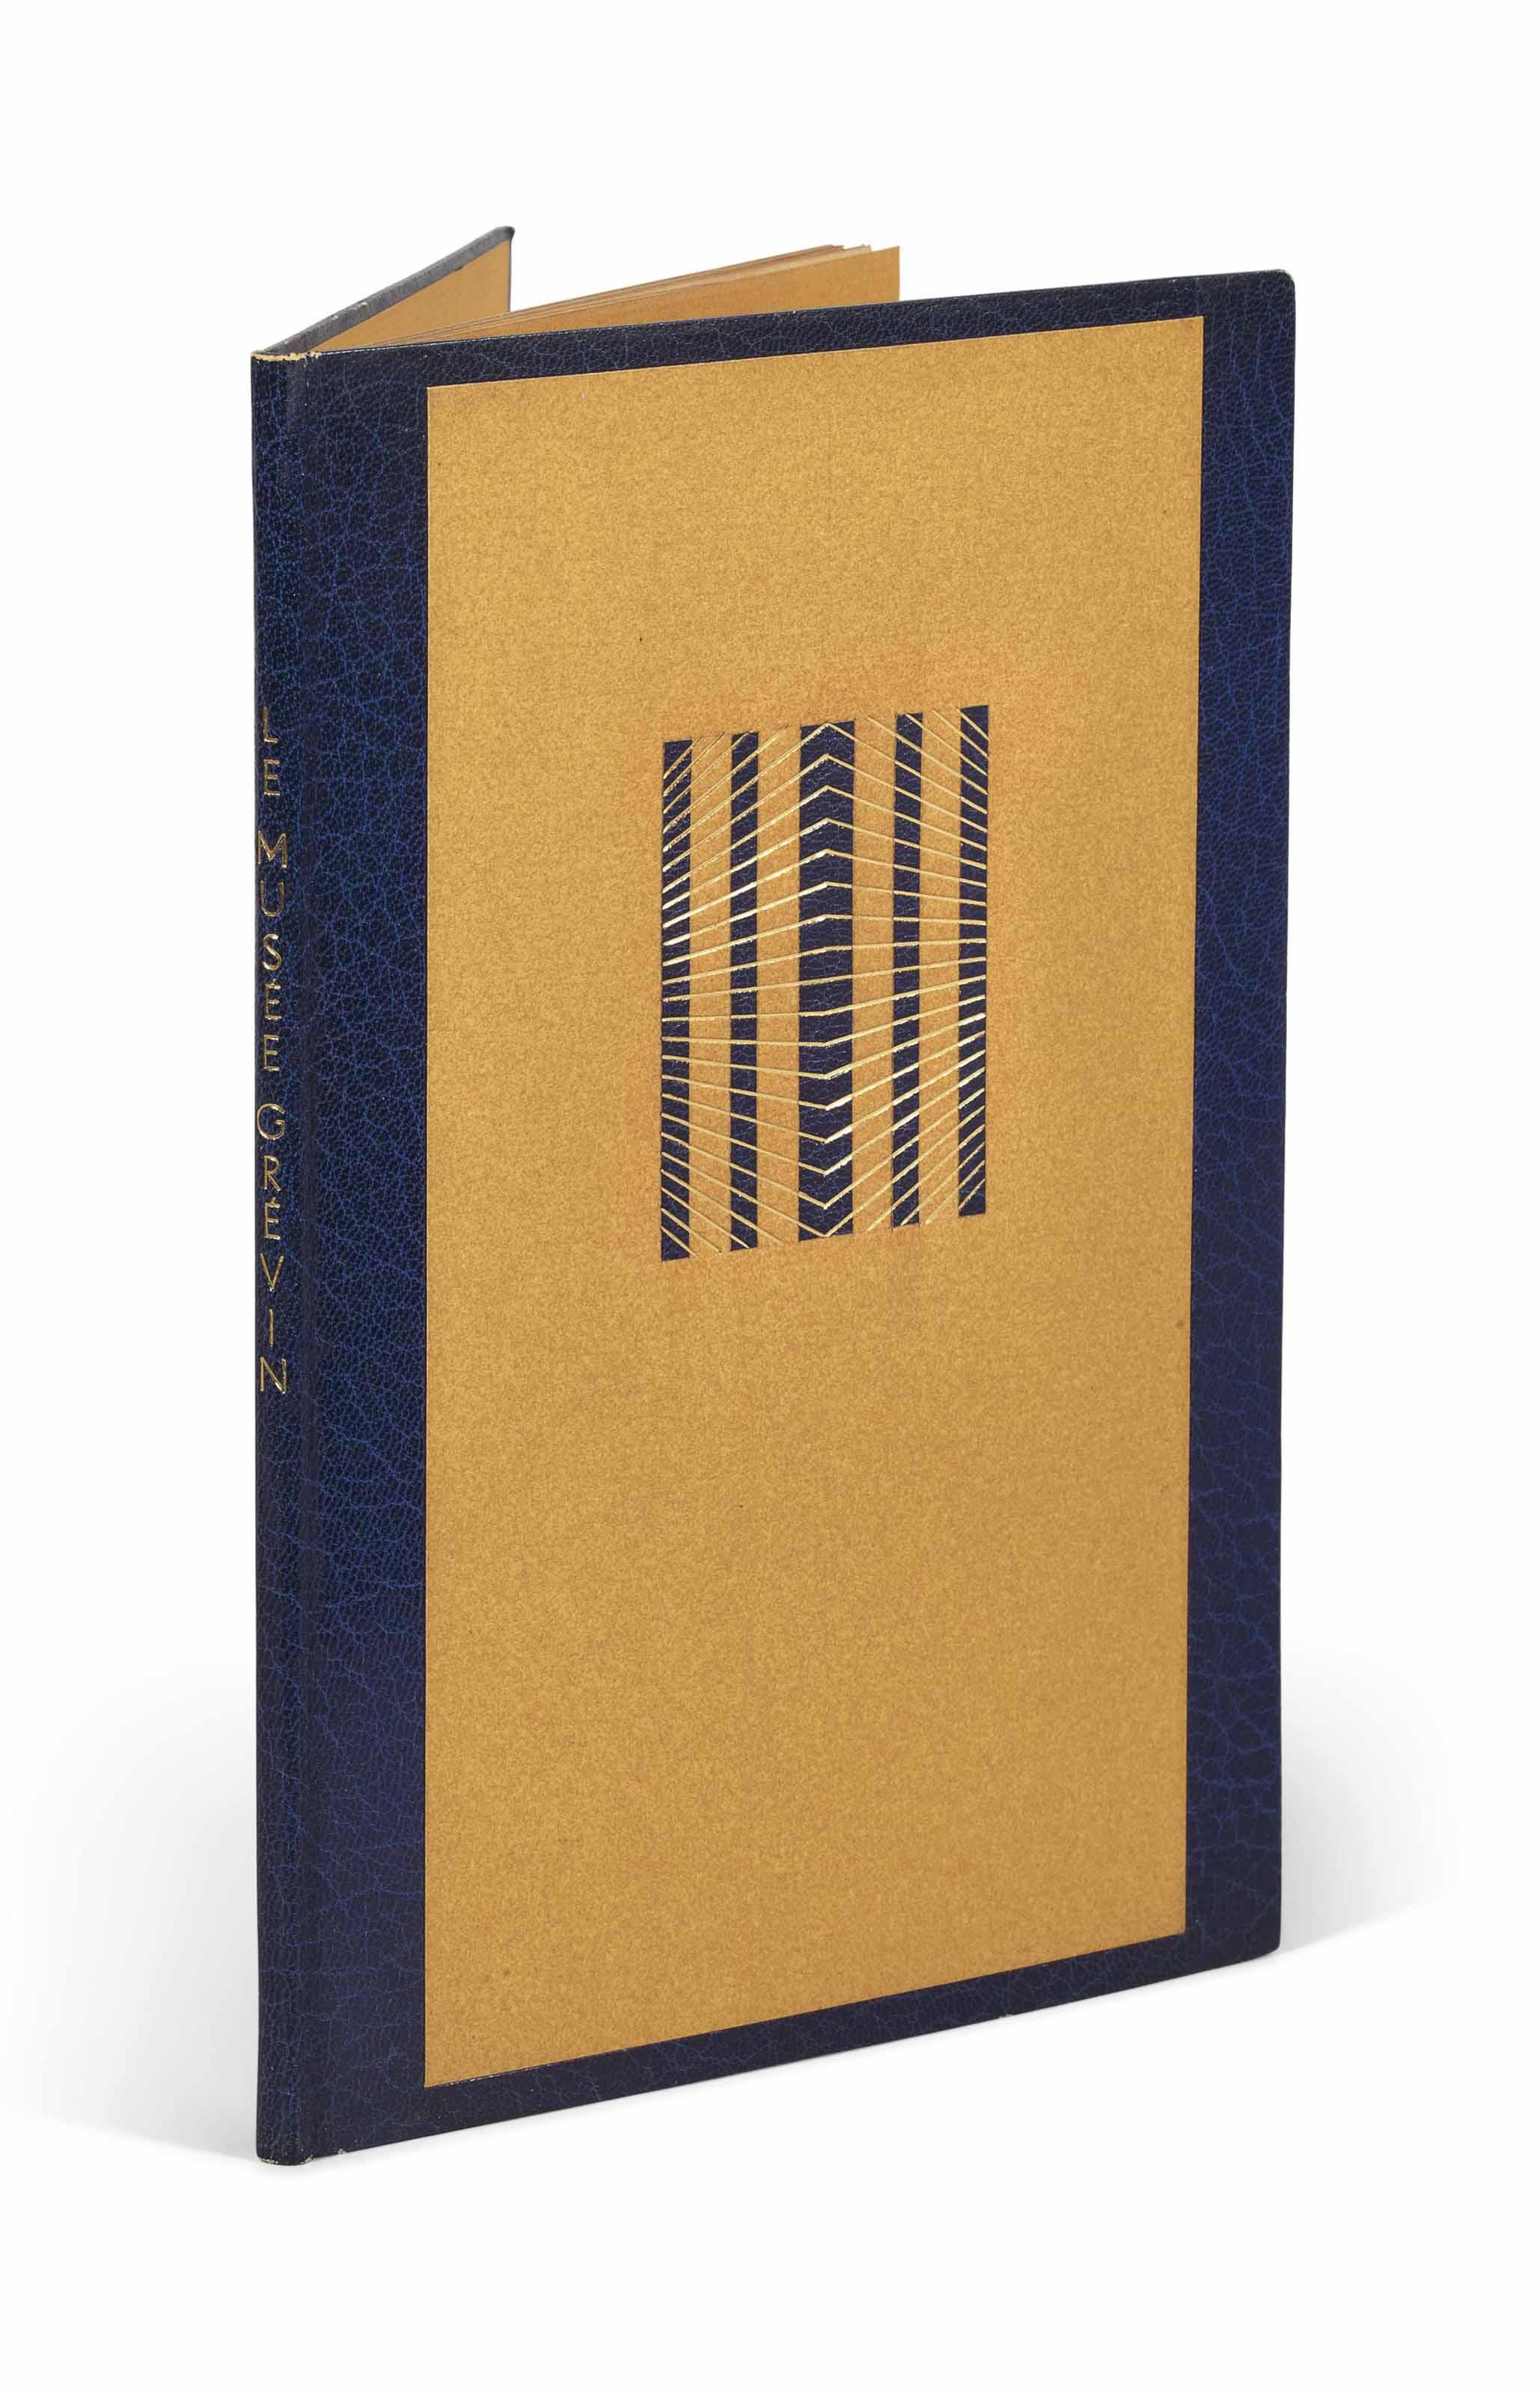 [Louis ARAGON (1897-1982)]. François LA COLÈRE. Le Musée Grévin. [Paris]: Bibliothèque Française, (1943). Plaquette in-8 (203 x 130 mm). Reliure signée Pierre-Lucien Martin, dos et encadrement de maroquin bleu marine, grande pièce rectangulaire de papier ocre jaune au centre des plats, sur le plat supérieur : découpe en fenêtre laissant quatre bandes verticales de papier symbolisant des barreaux traversées de filets dorés irradiants, dos lisse, titre en lettres dorées à la chinoise; non rogné, tête dorée, doublures et gardes de même papier, couvertures conservées, premier plat imprimé en noir, chemise plastique transparente (minimes frottements.)